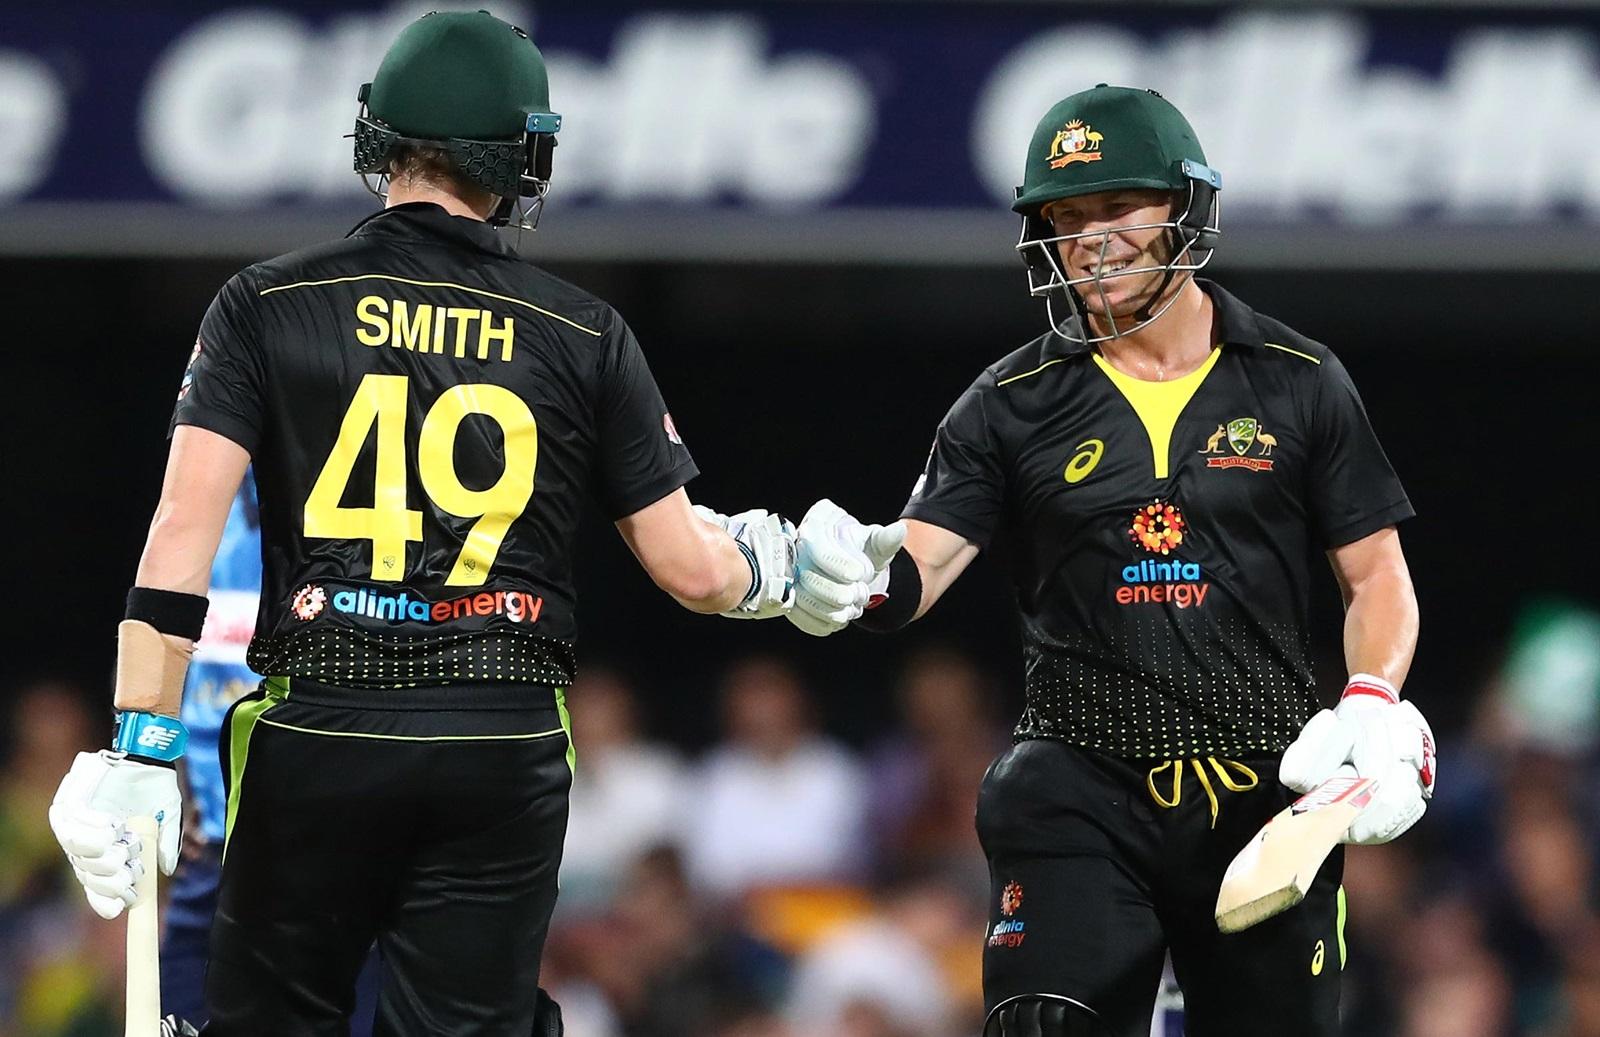 दूसरे टी-20 में स्टीव स्मिथ की तूफानी पारी के दम पर ऑस्ट्रेलिया ने पाकिस्तान को 7 विकेट से हराया 1